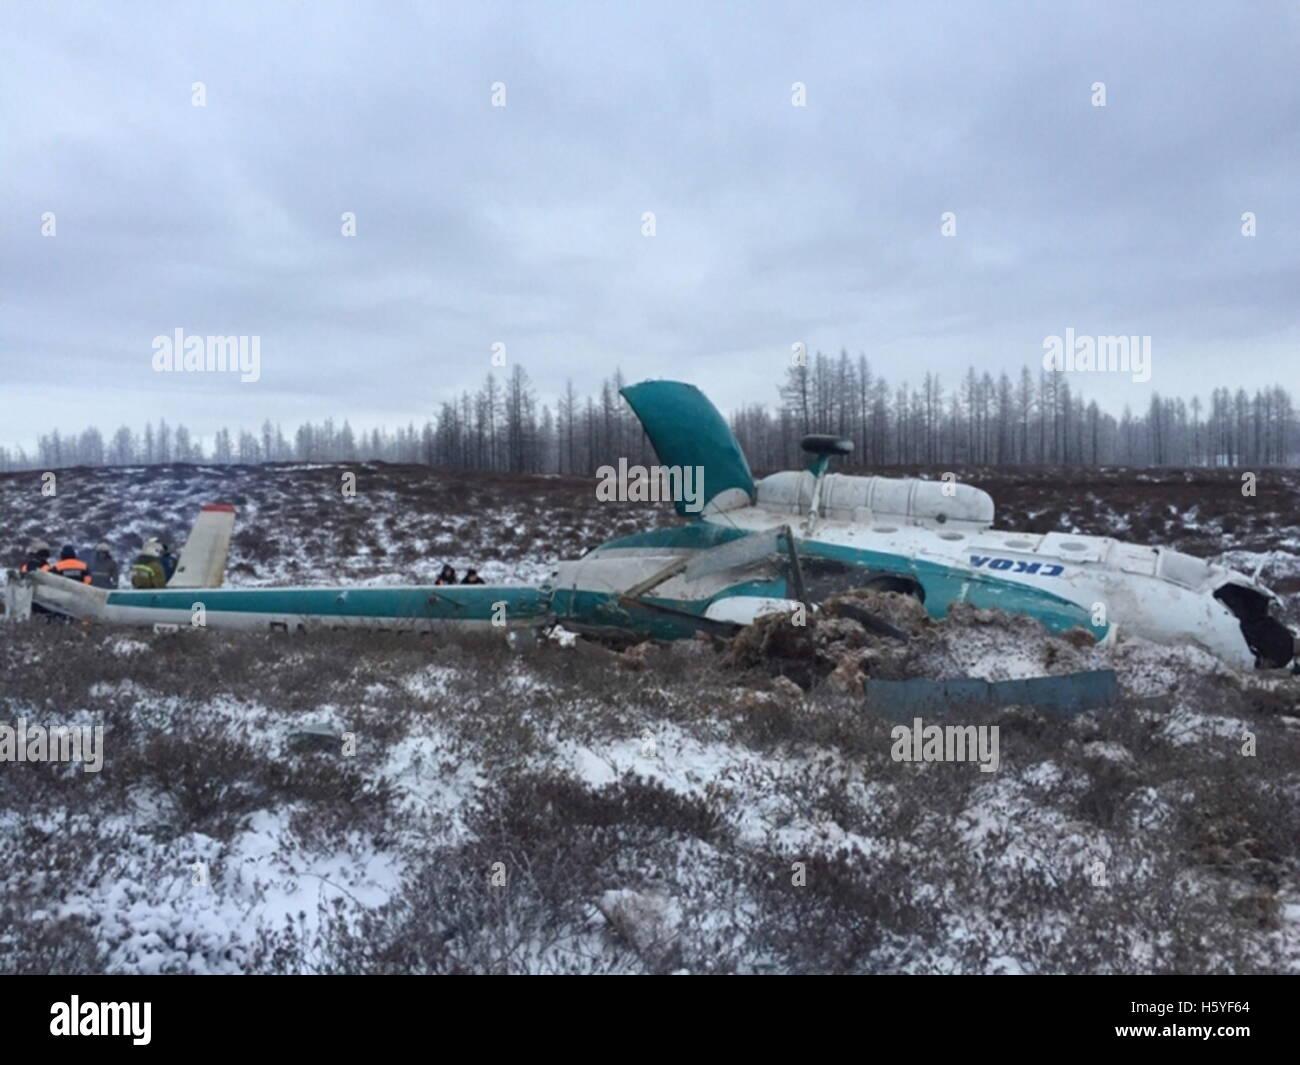 Yamalo Nenets zona autonoma, Russia. 22 ottobre, 2016. Una vista del Mil Mi-8 elicottero crash site. In base ai Immagini Stock